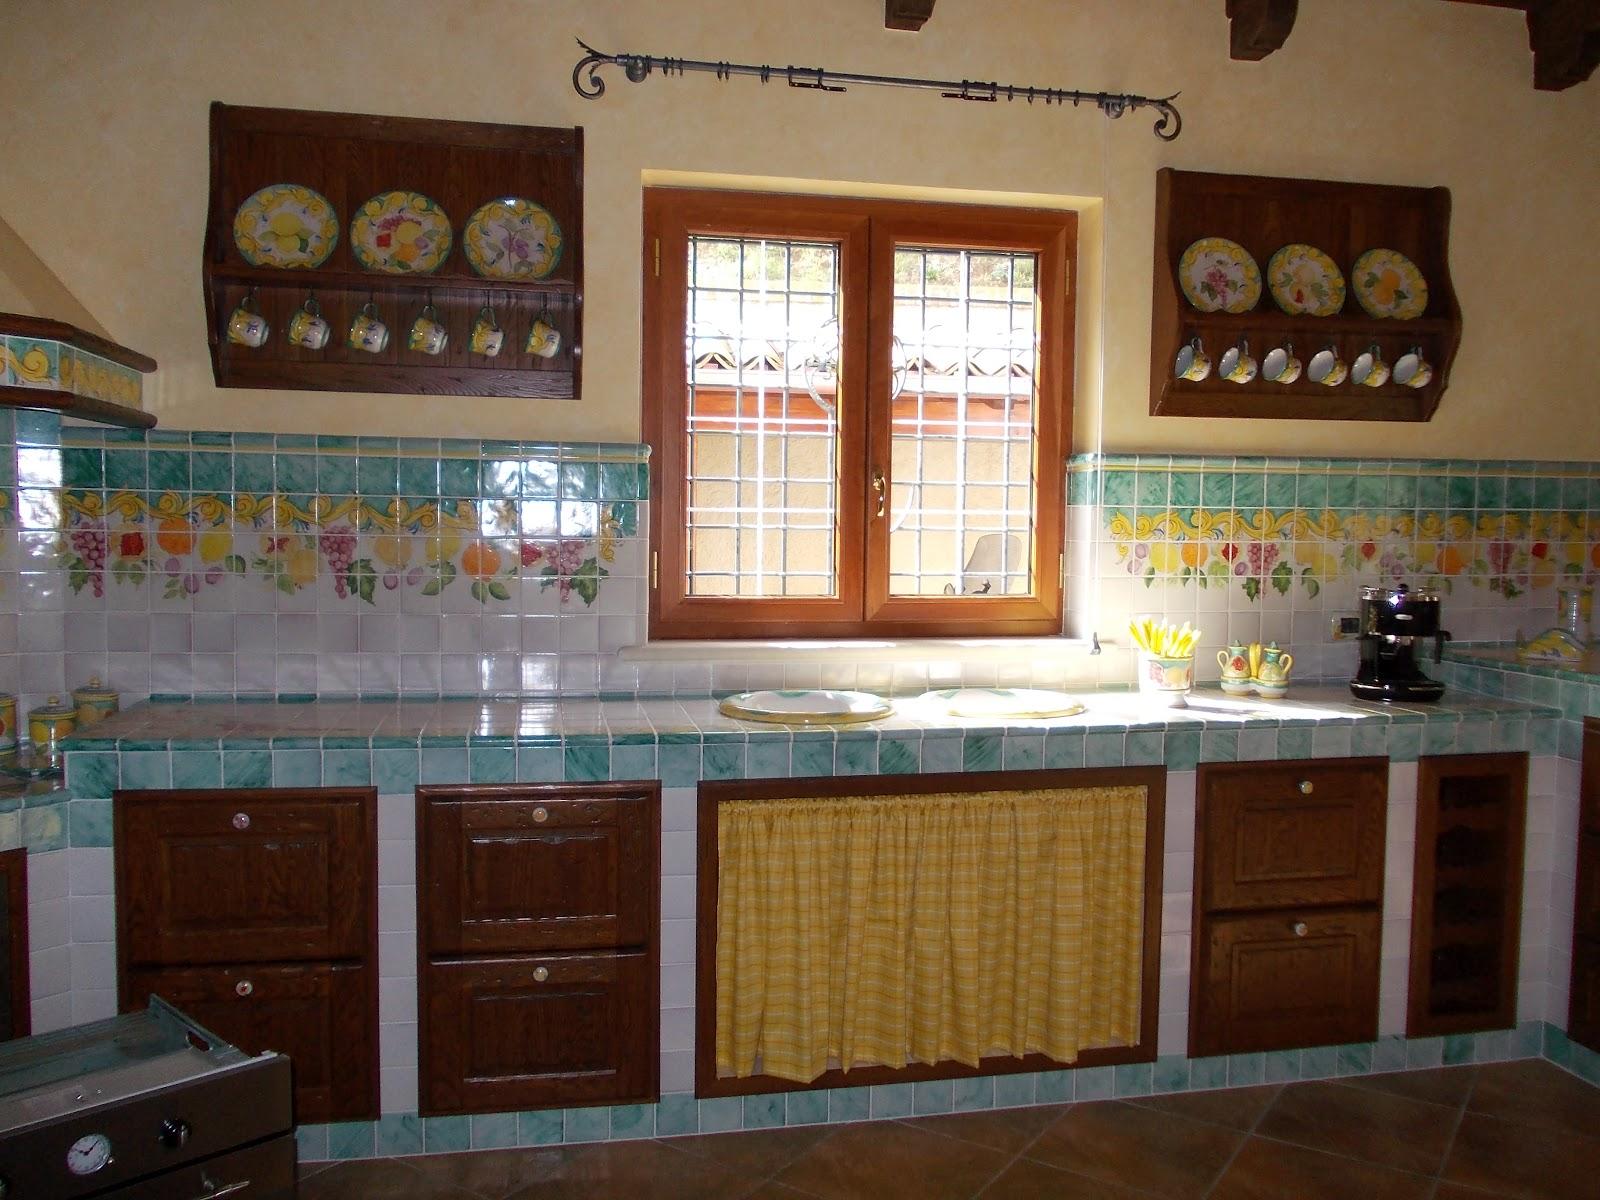 Vico Condotti: Cucine E Bagni In Muratura #9A6131 1600 1200 Come Cucinare Piccole Orate